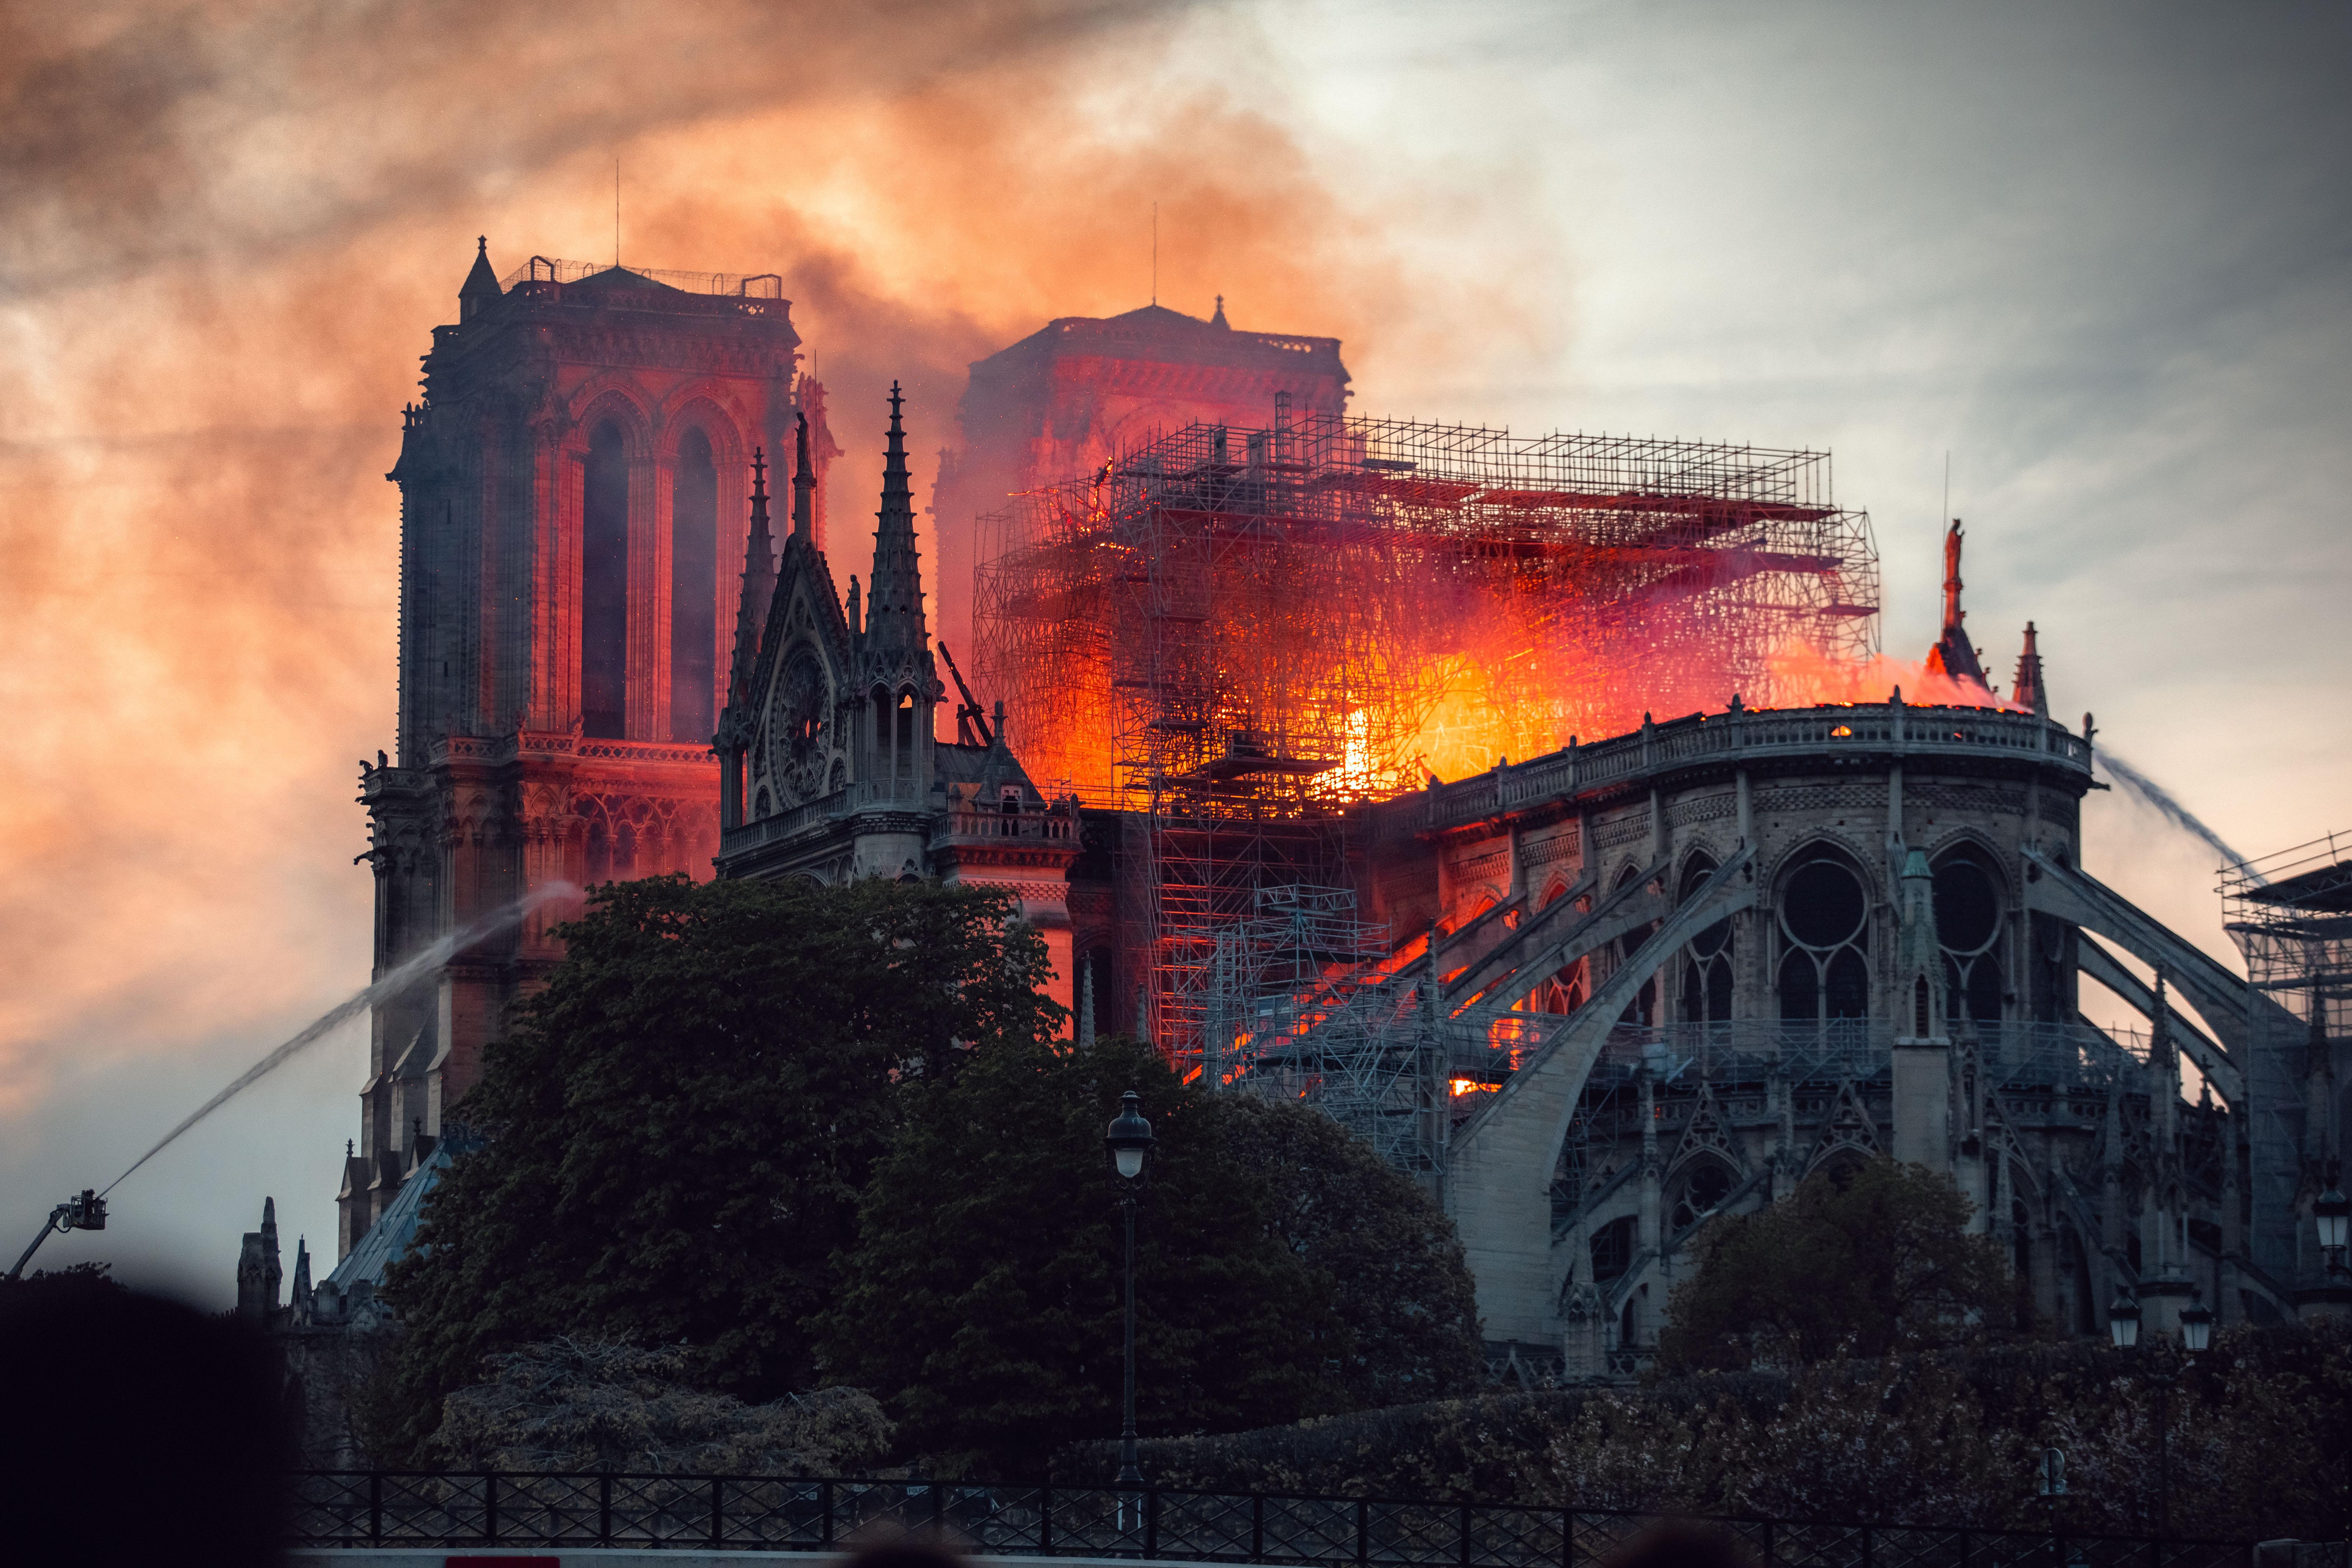 Antes de que la catedral se incendiara el 15 de abril de 2019, el edificio del siglo XII estaba en proceso de renovación, lo que podría haber agravado el problema, ya que el incendio podría haberse relacionado con el equipo utilizado durante las renovaciones